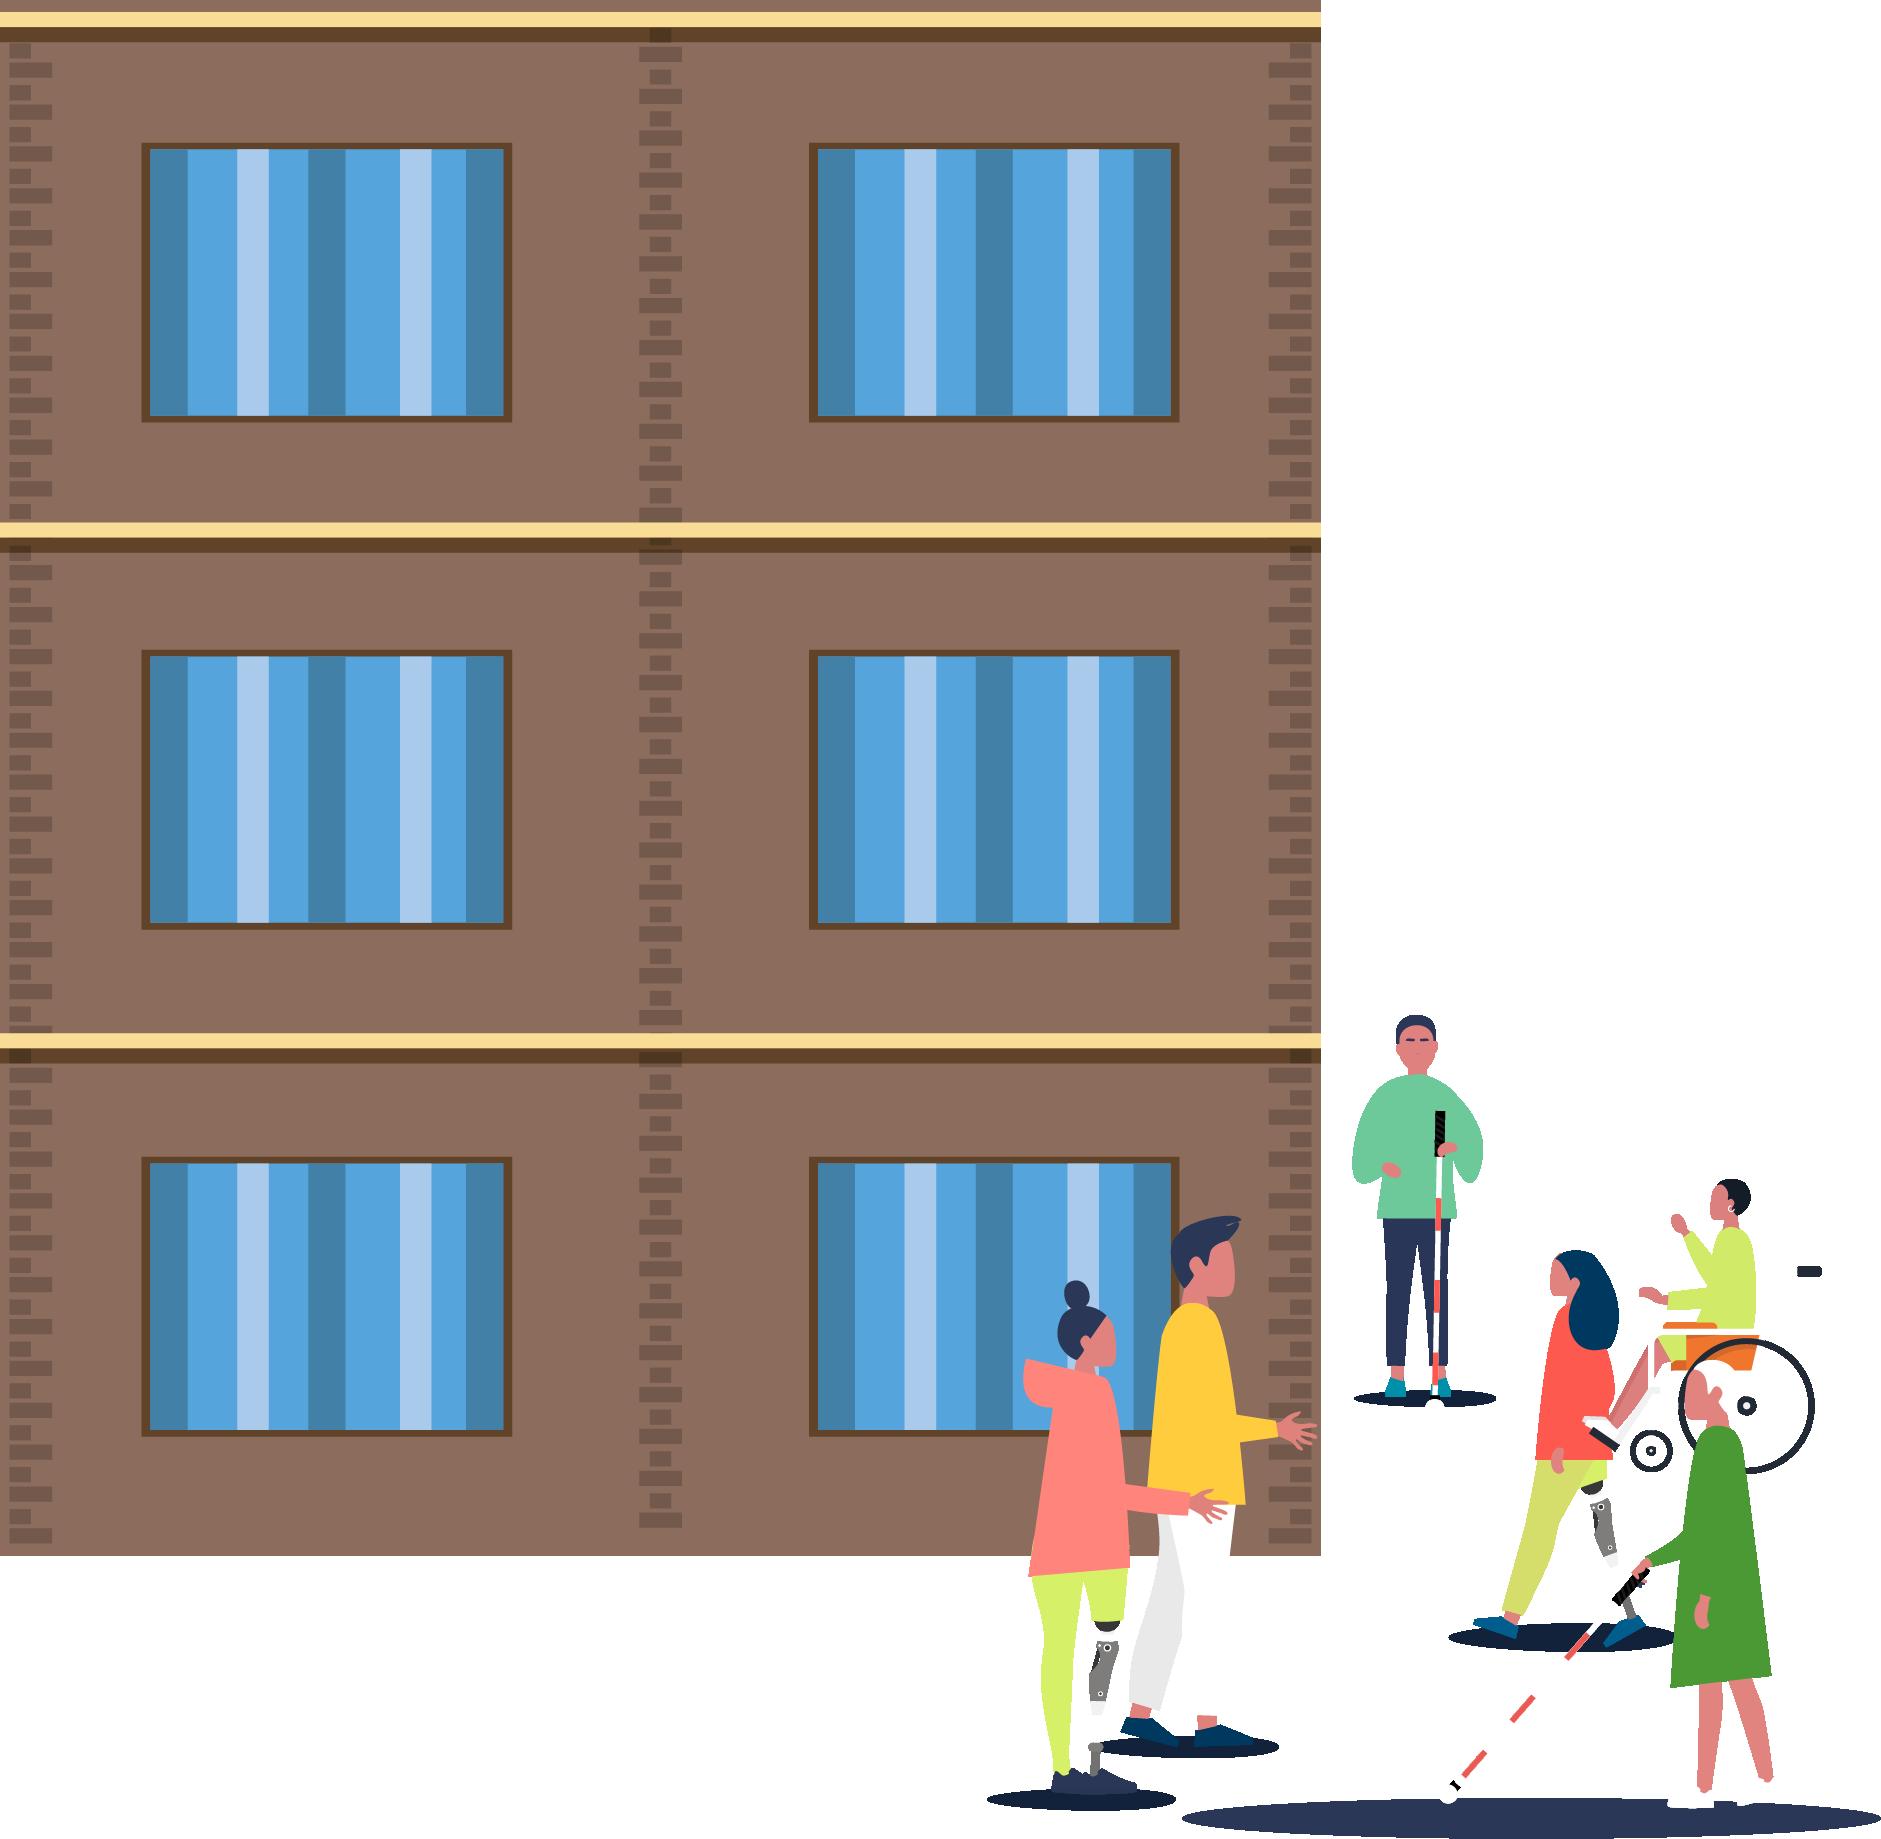 Yüksek bina yanında araştırma yapan engelli-engelsiz bireyler